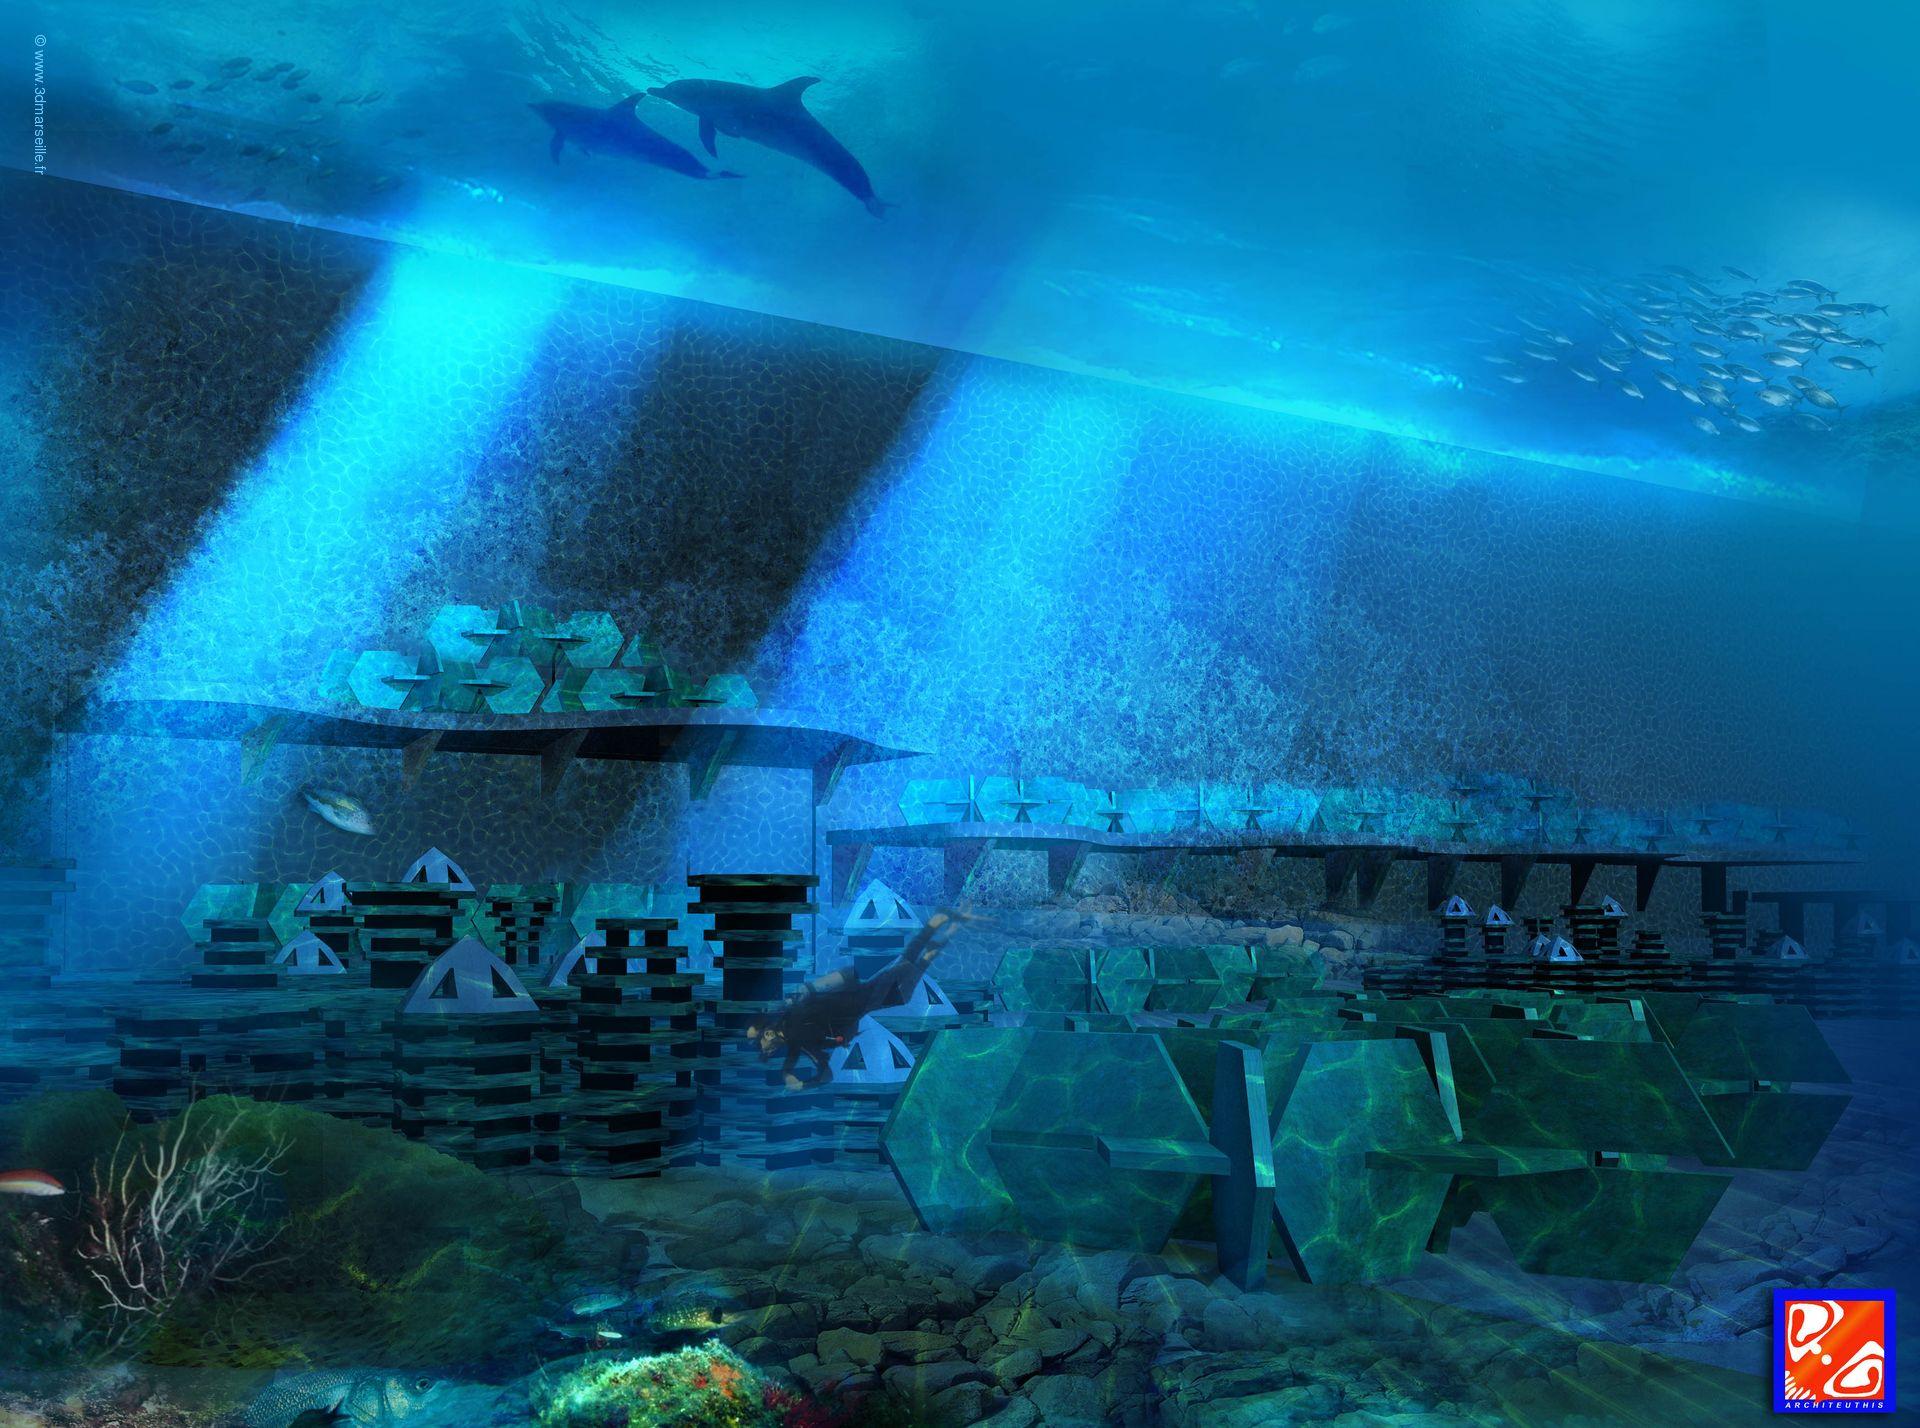 late-forme sous-marine de détente et d'observation